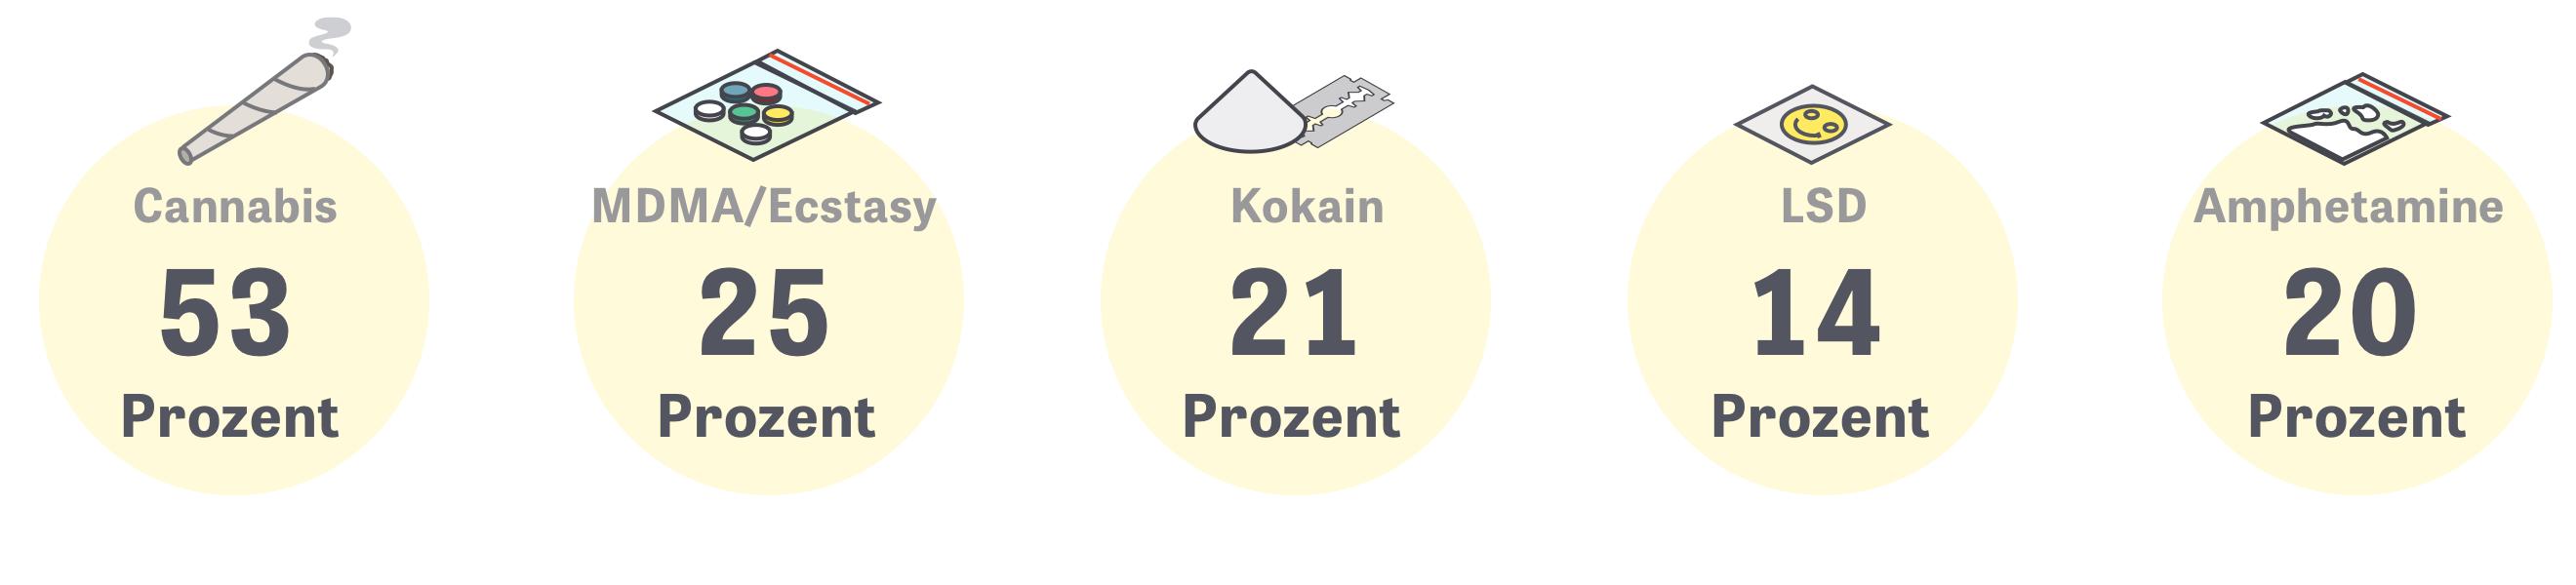 Global Drug Survey: Befragt wurden rund 48.000 Menschen in Deutschland, die angaben, psychoaktive Substanzen genommen zu haben.